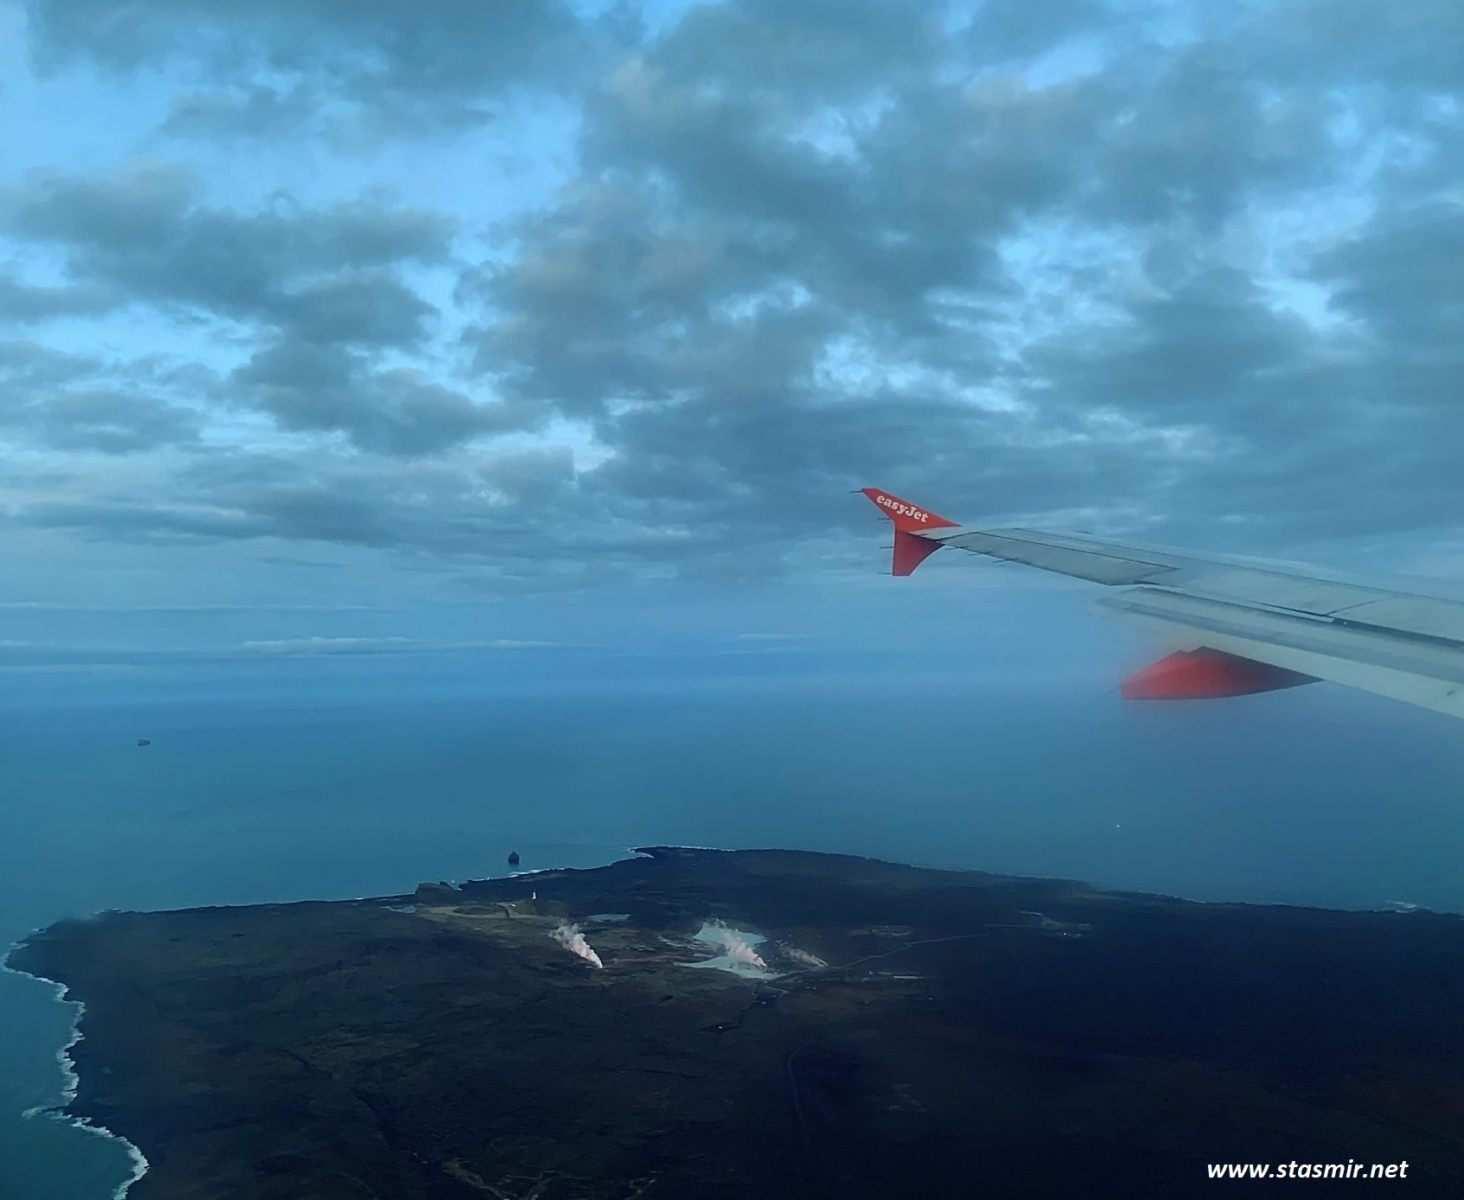 вид на полуостров Рейкьянес из самолета, фото Стасмир, photo Stasmir